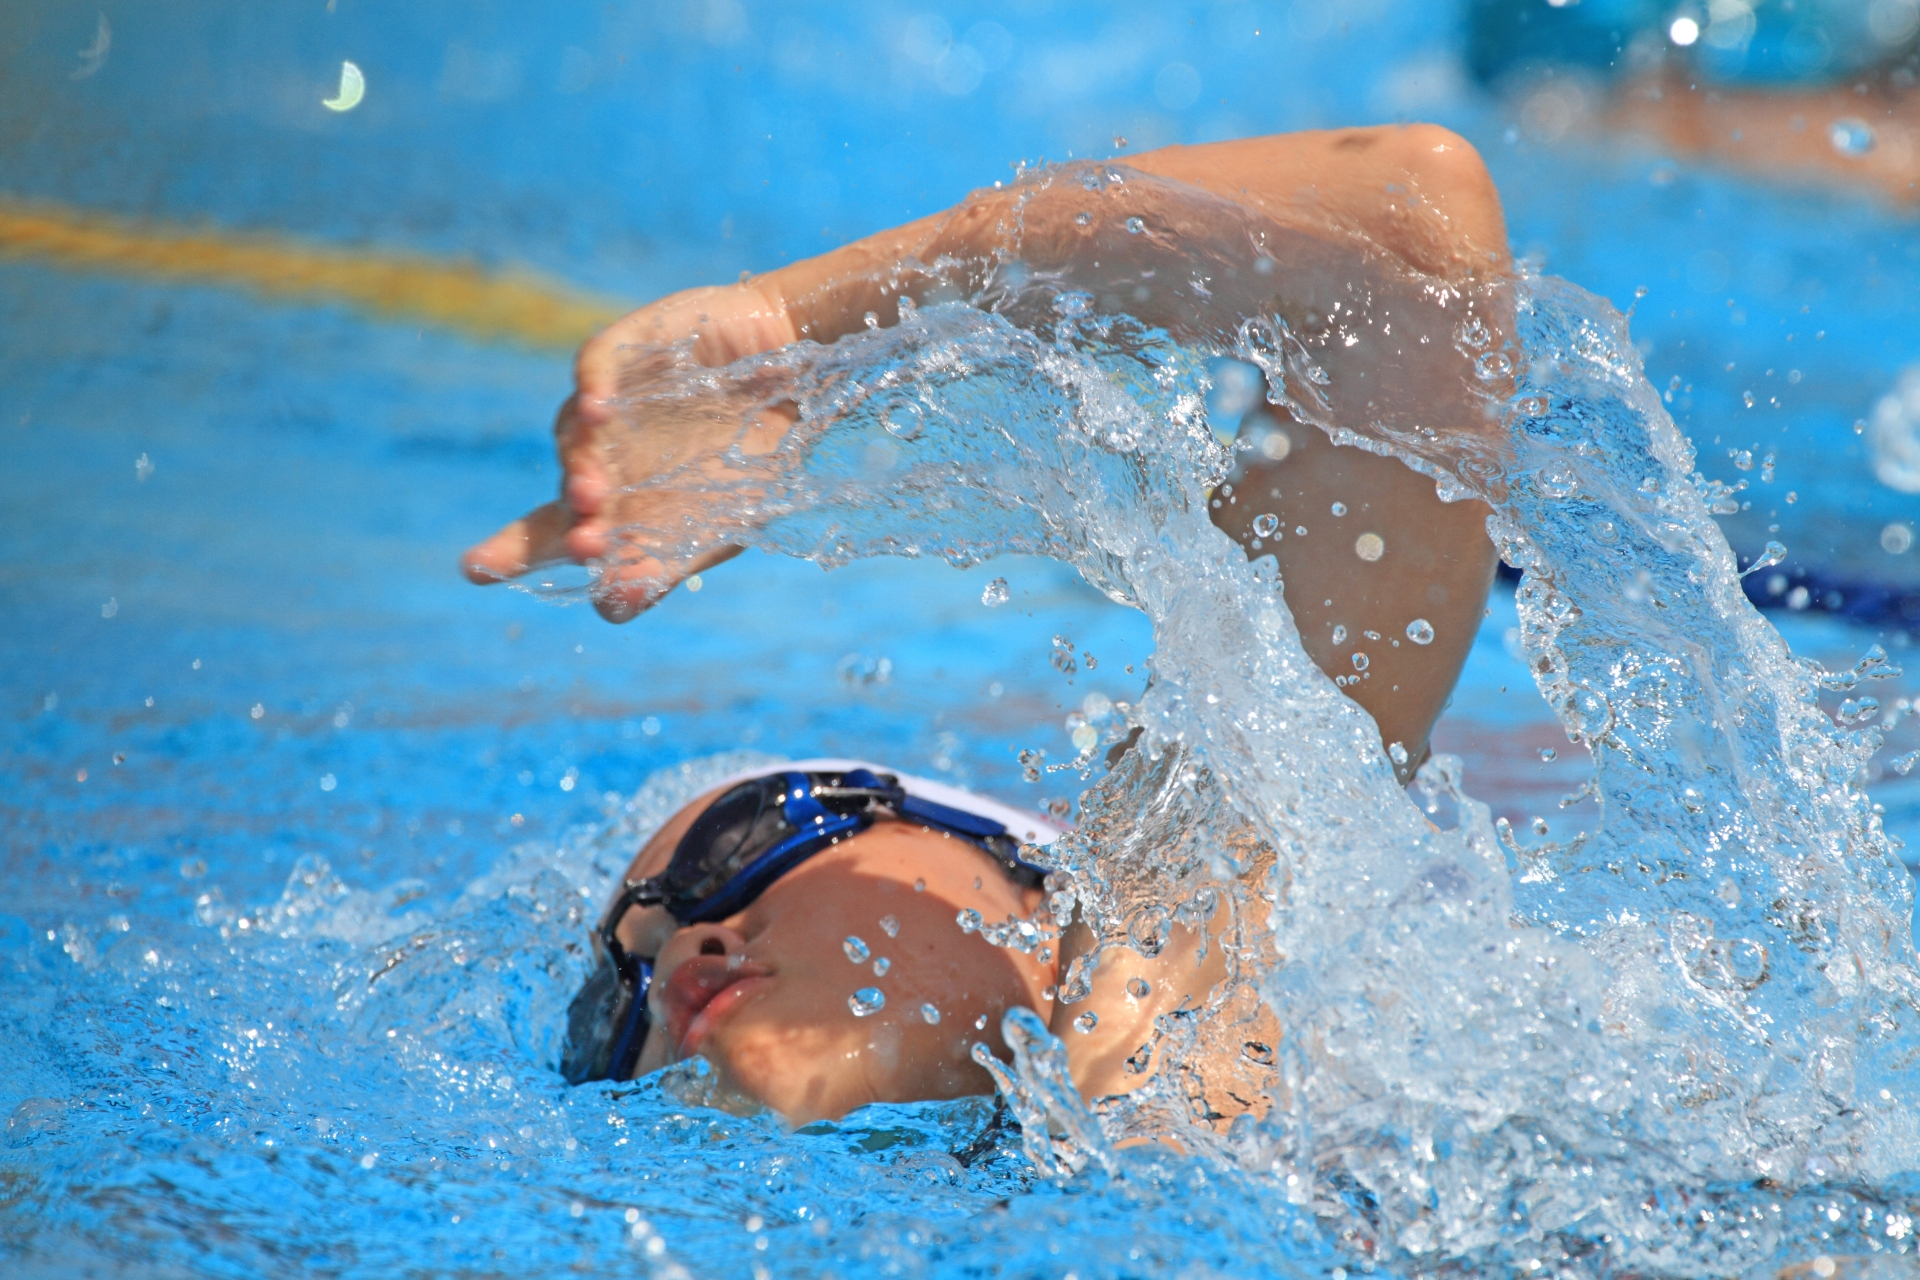 水泳の大会で弁当のタイミングや効果でパフォーマンスもアップ